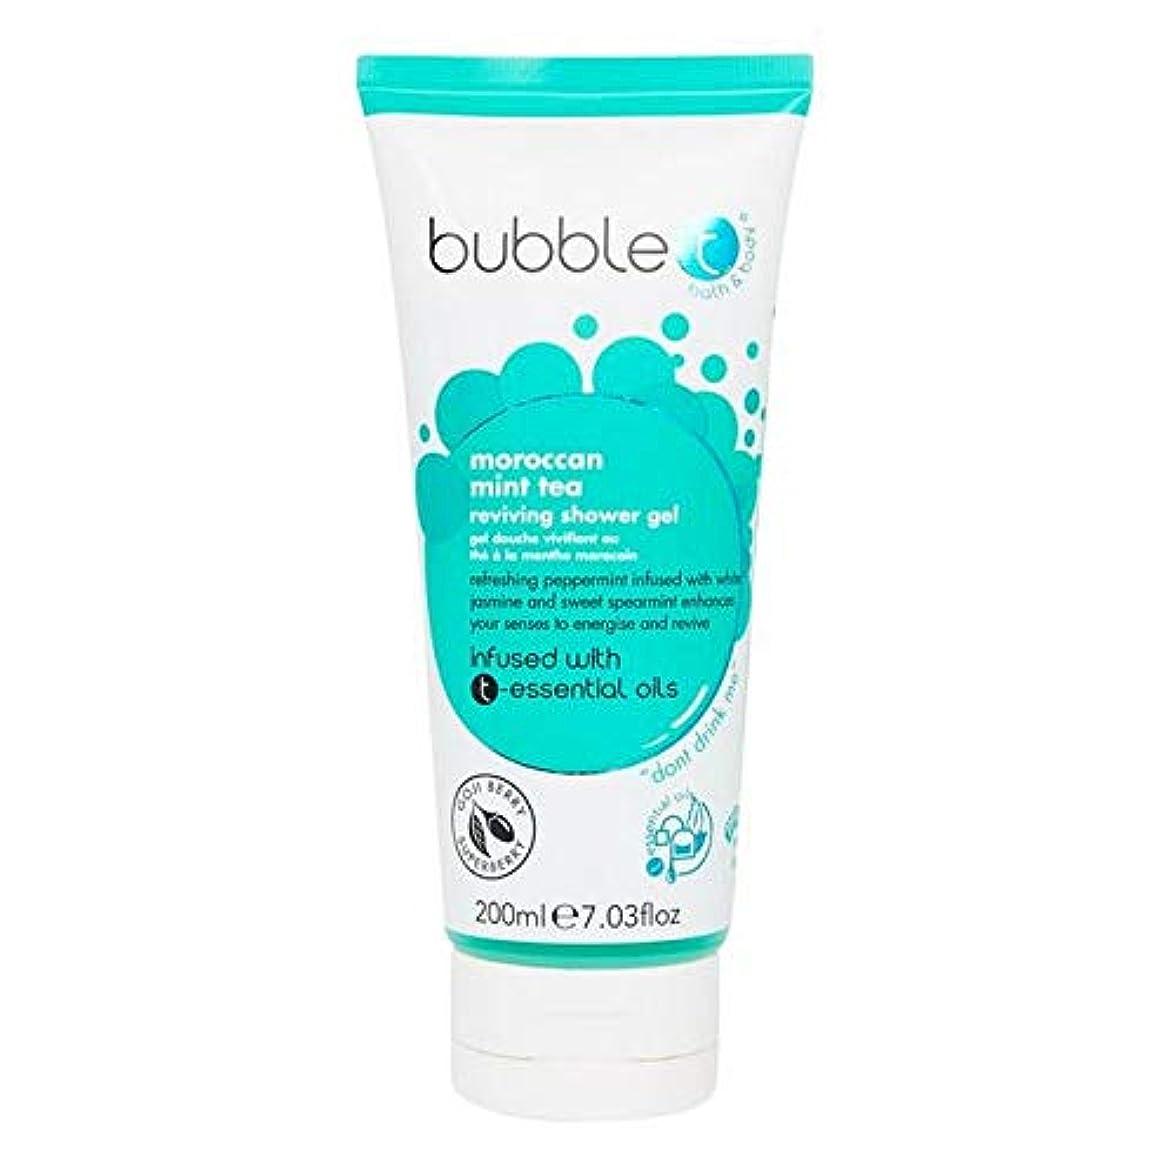 僕のビバ柔らかい[Bubble T ] バブルトン化粧品シャワージェル、モロッコのミントティーを200ミリリットル - Bubble T Cosmetics Shower Gel, Moroccan Mint Tea 200ml [並行輸入品]